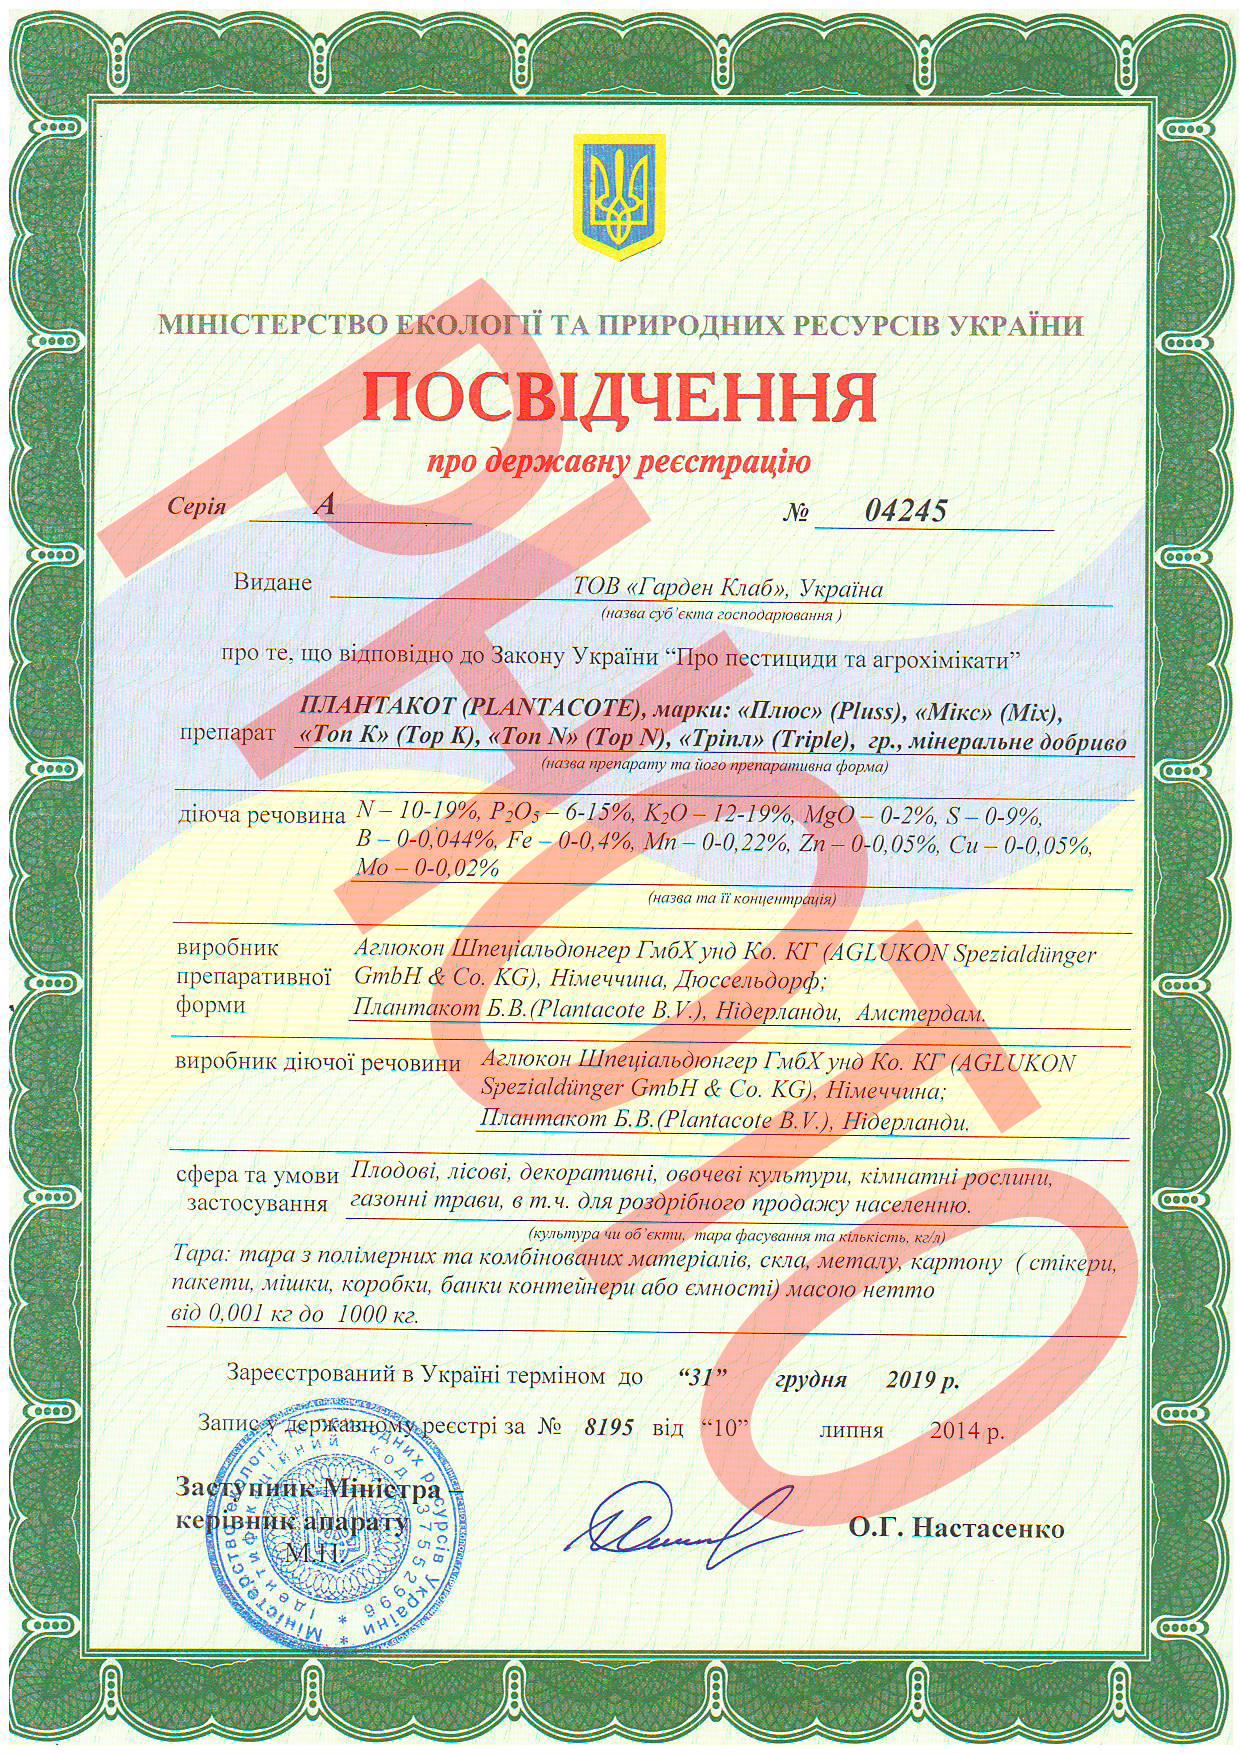 Реєстраційне посвідчення Плантакот (1)